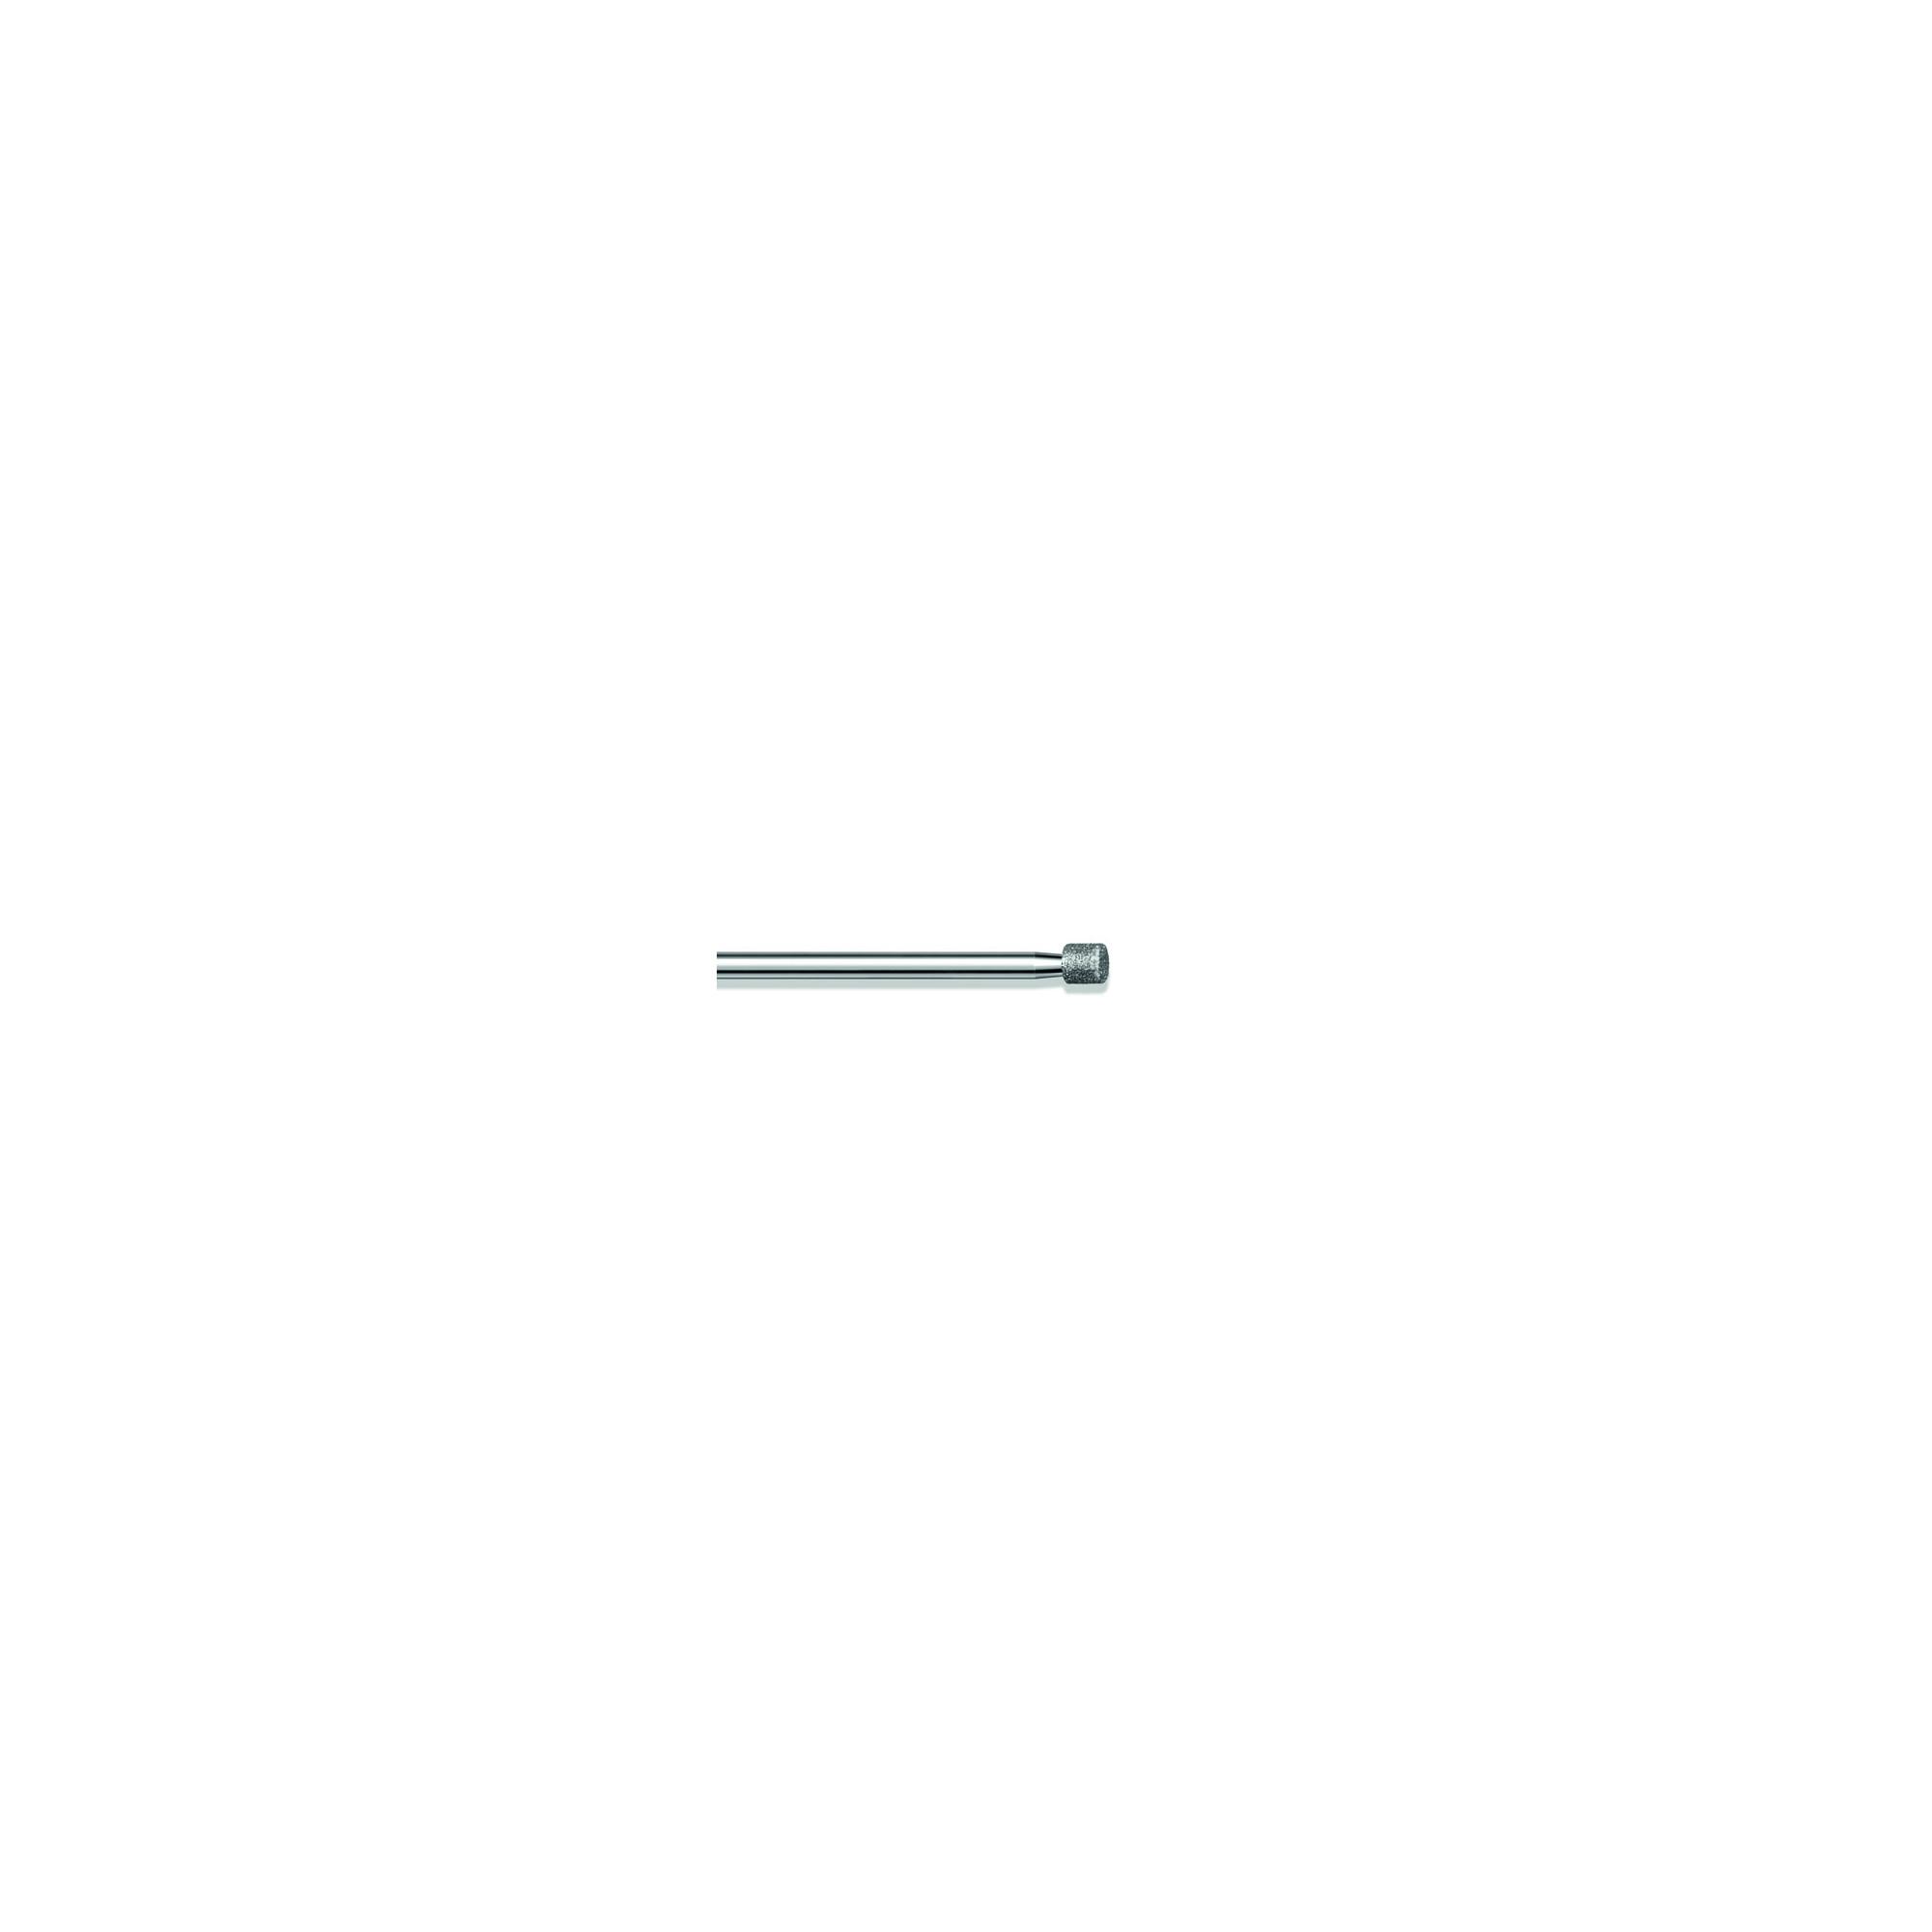 Fraise diamantée standard - Lissage des ongles et des callosités - Grain moyen - ø3,5mm